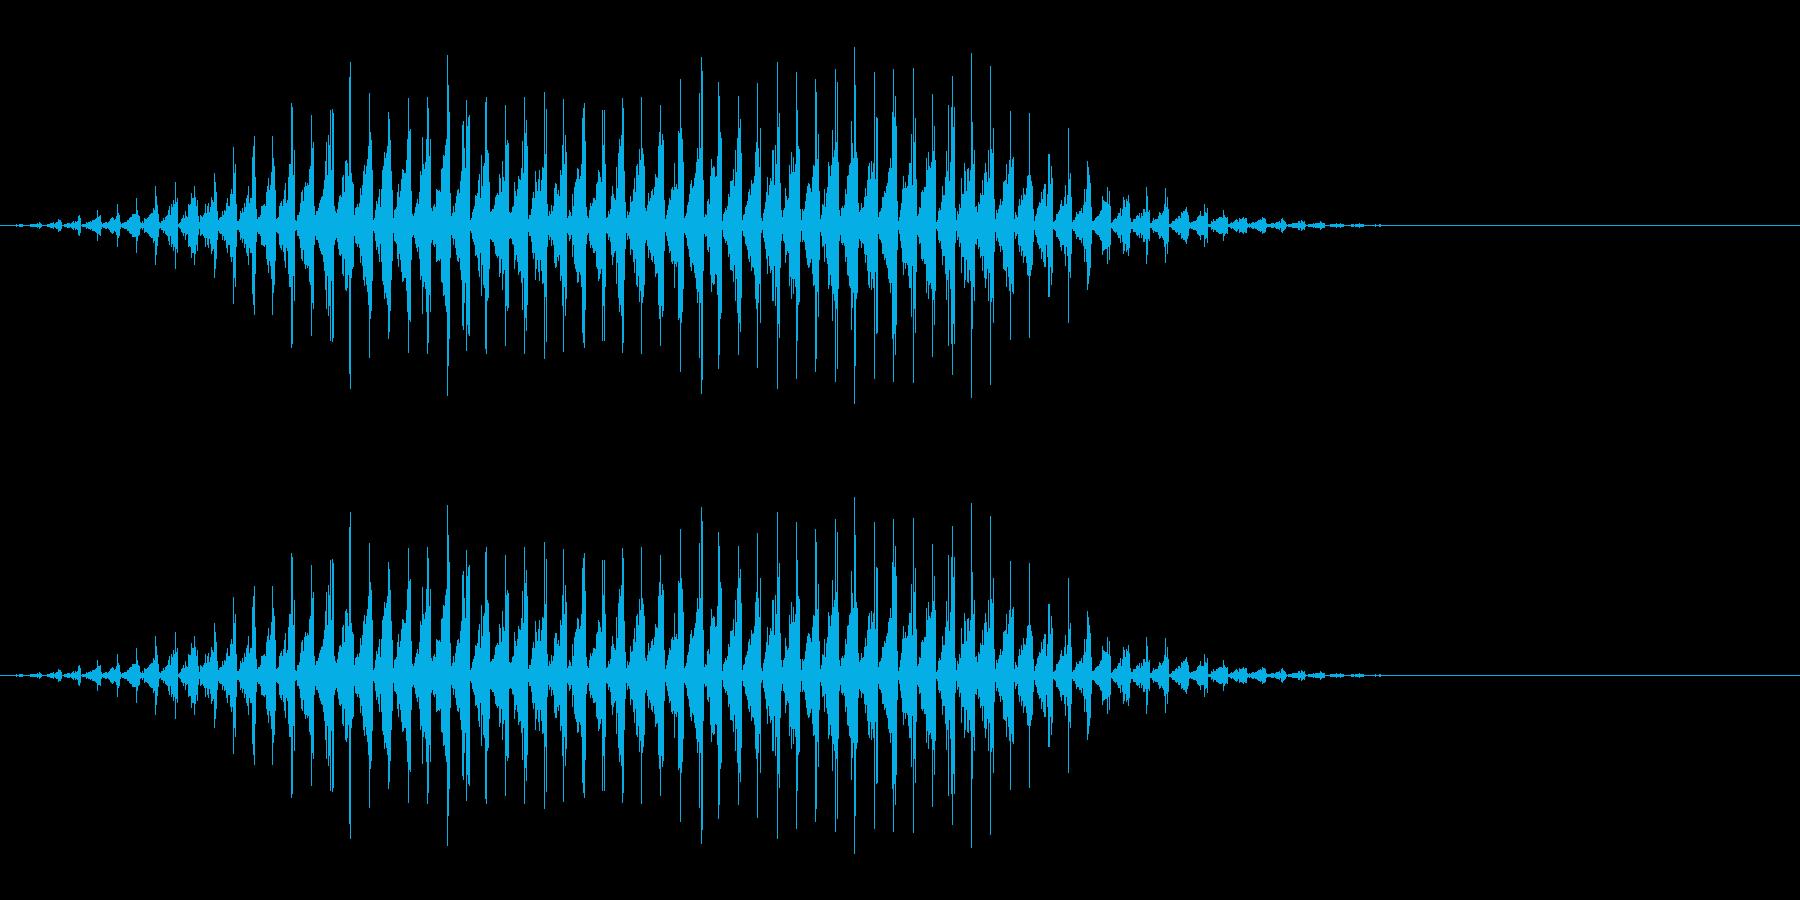 虫の羽音(ブーン/モンスター/飛ぶ)_1の再生済みの波形